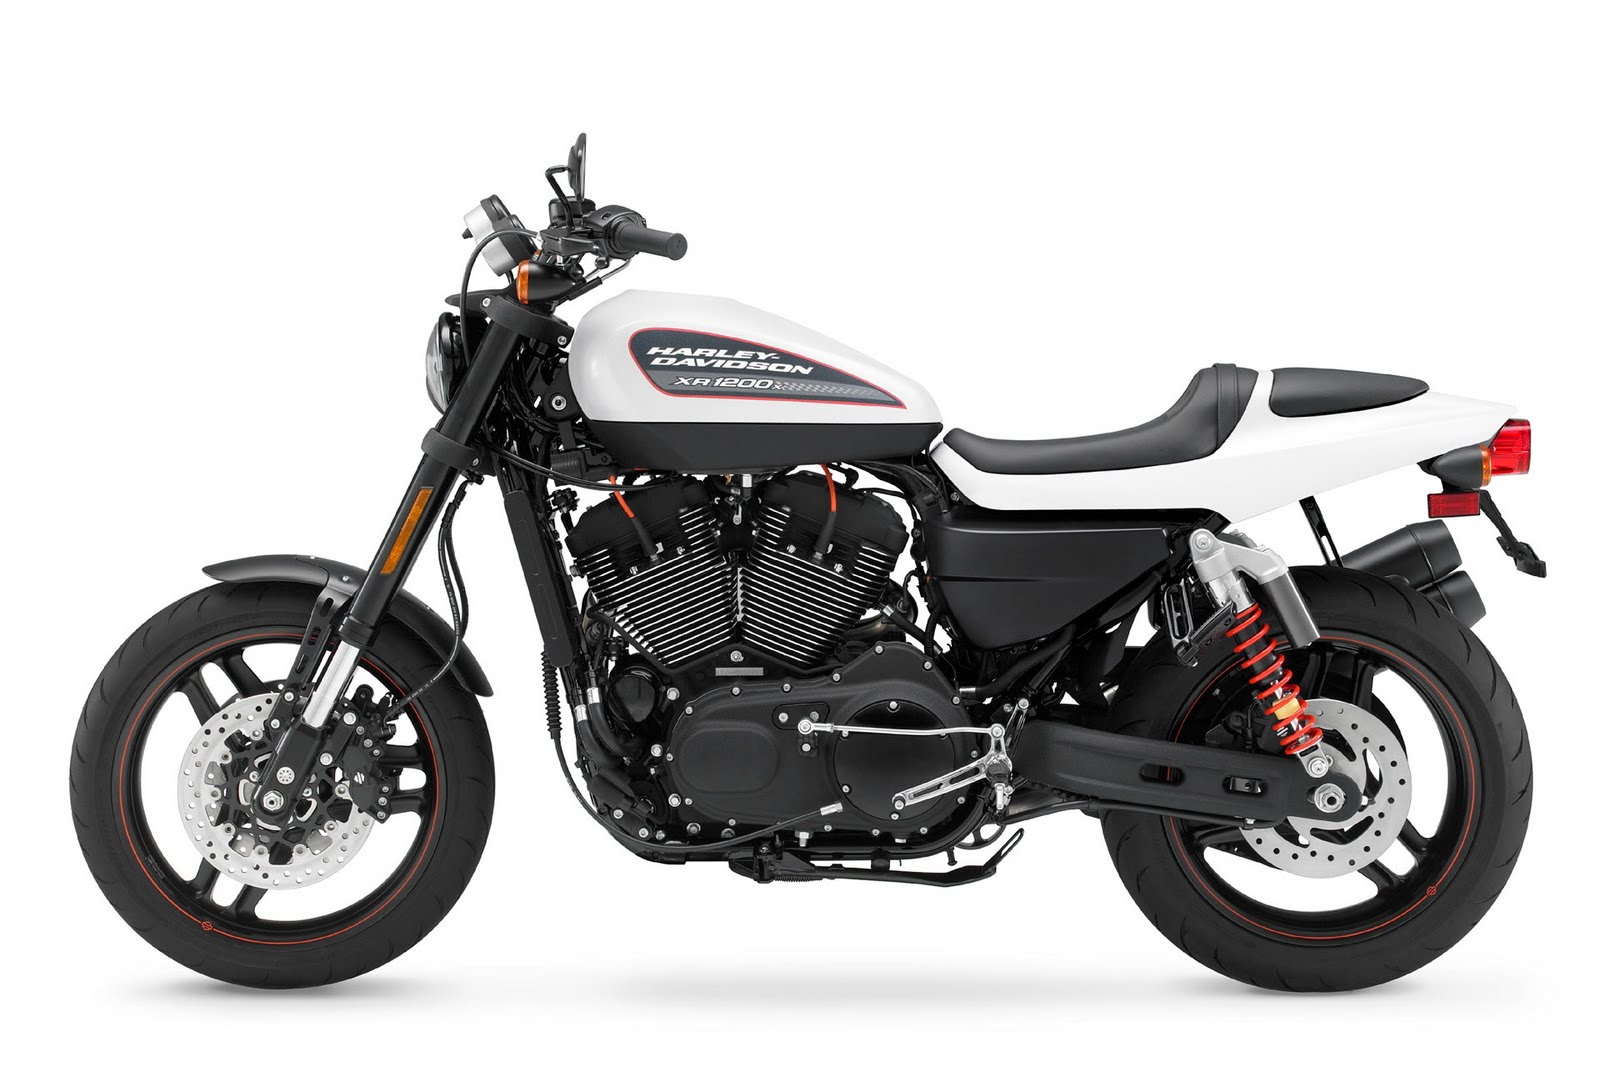 http://1.bp.blogspot.com/_J3_liDBfbvs/TBWwE34iA-I/AAAAAAAAteE/W-_UIfm6uig/s1600/2011-Harley-Davidson-XR1200X-Images.jpg